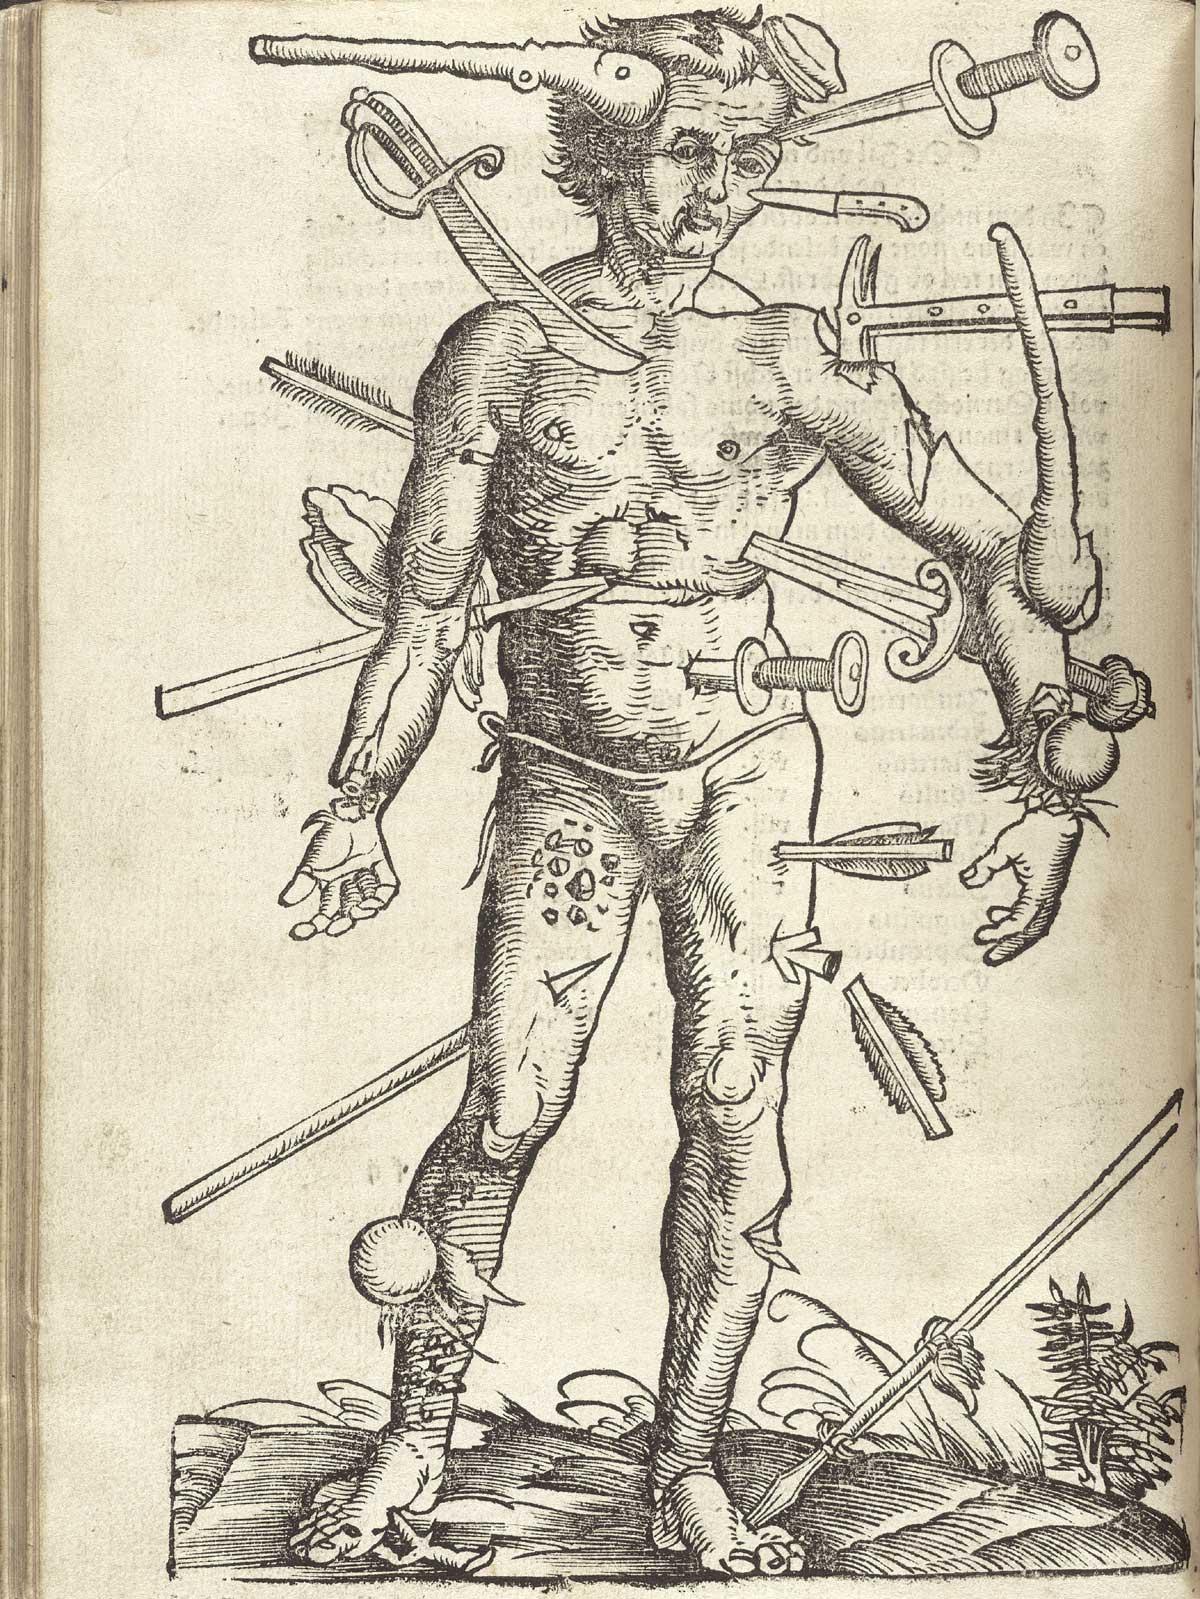 hans-von-gesdorff-field-book-of-surgery-the-wounded-man-strasburg-1528